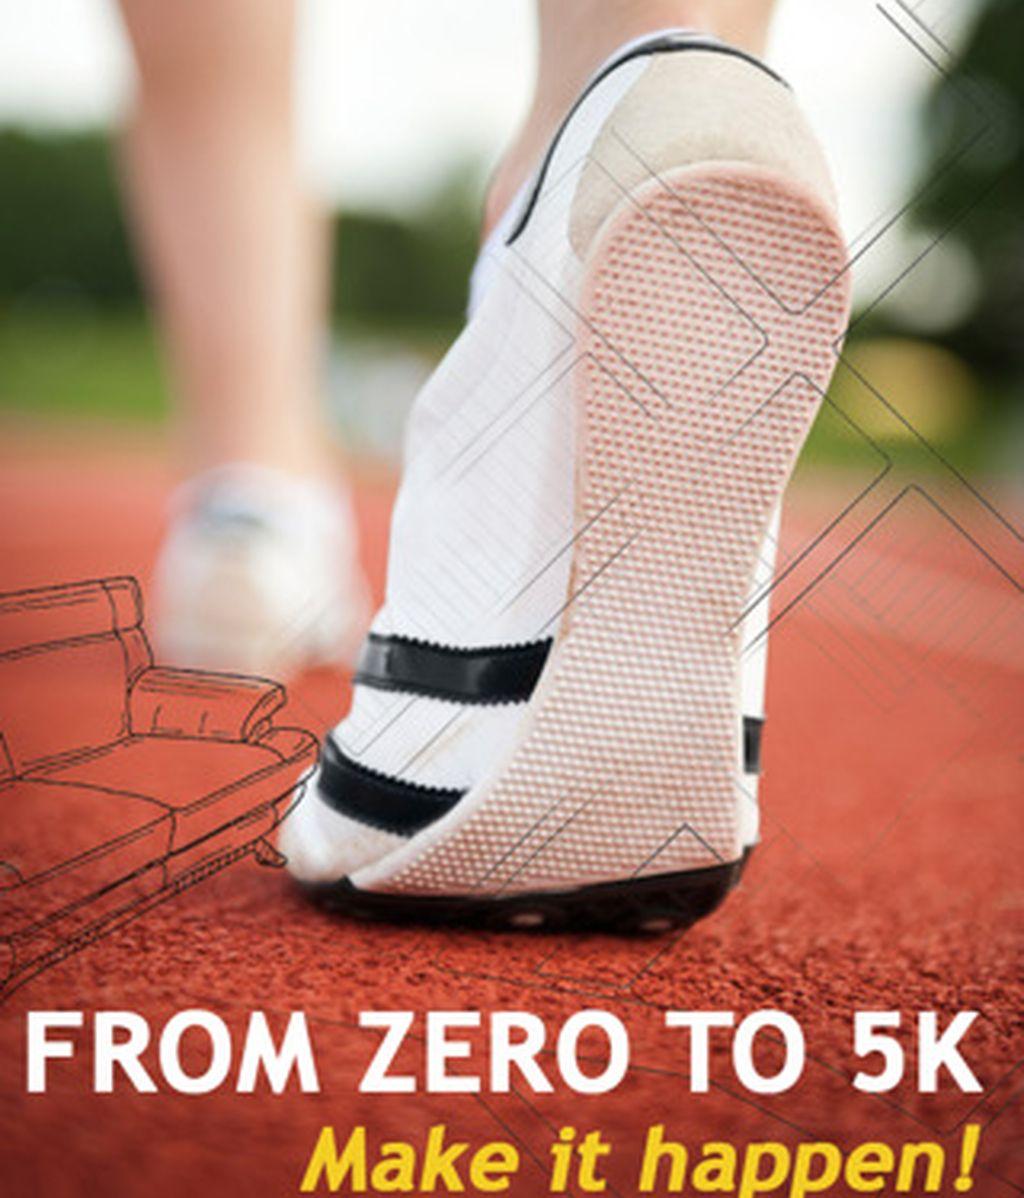 Runner 5K  aplicación corredores, corredor, atleta, atletismo